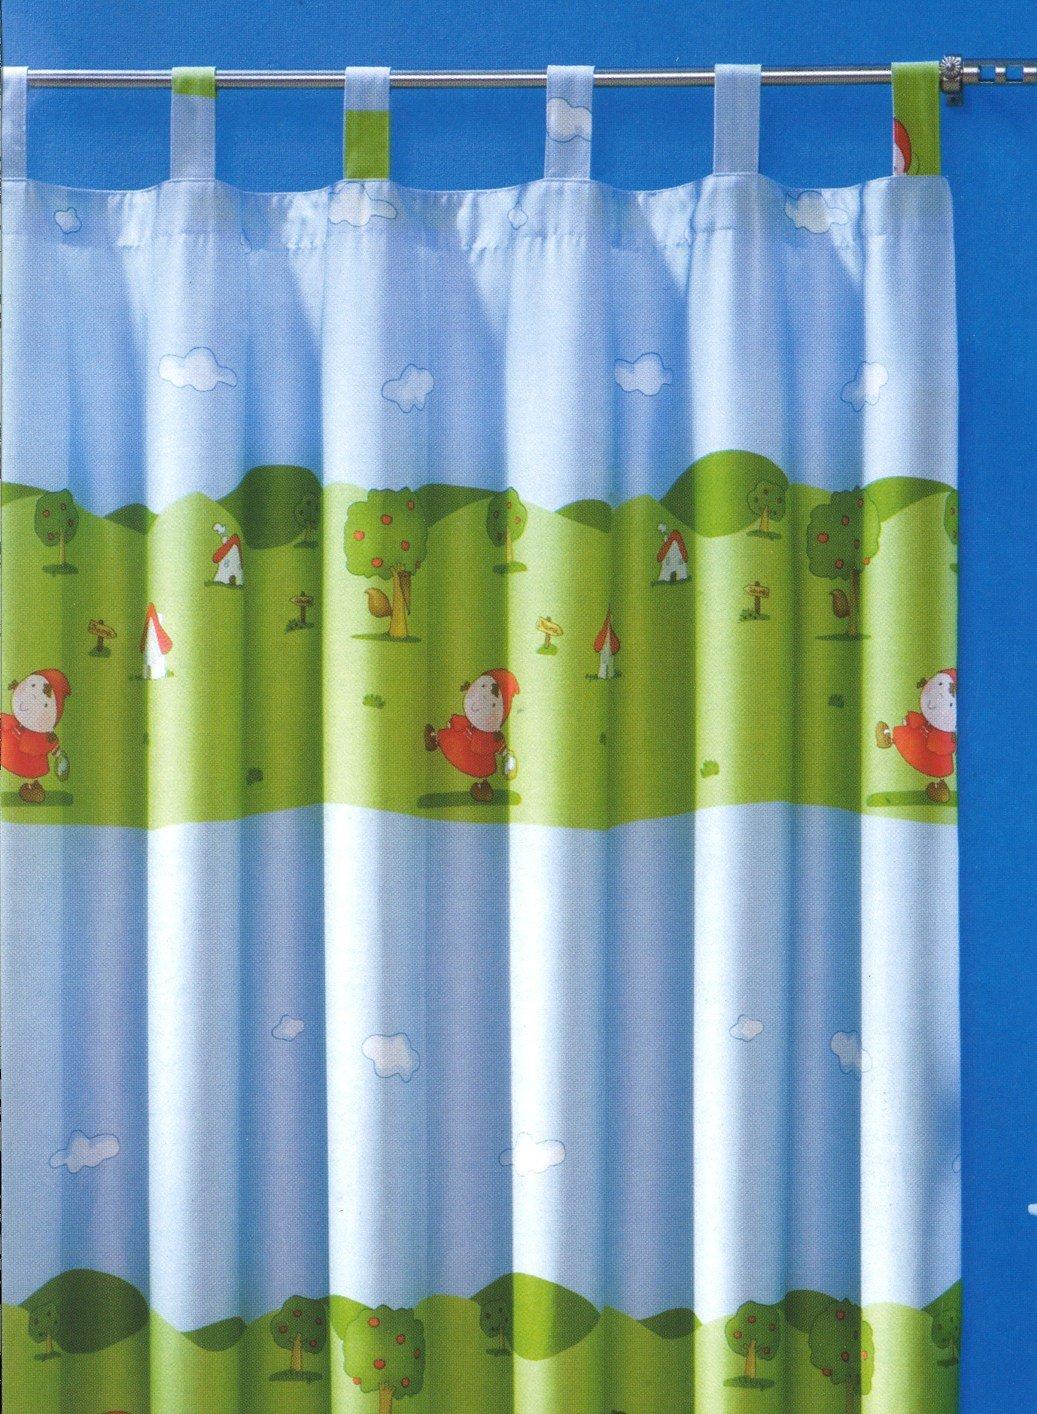 Full Size of Schlaufenschal Kinderzimmer Se Kindergardine Mrchen Deko Hxb Regal Sofa Weiß Regale Kinderzimmer Schlaufenschal Kinderzimmer